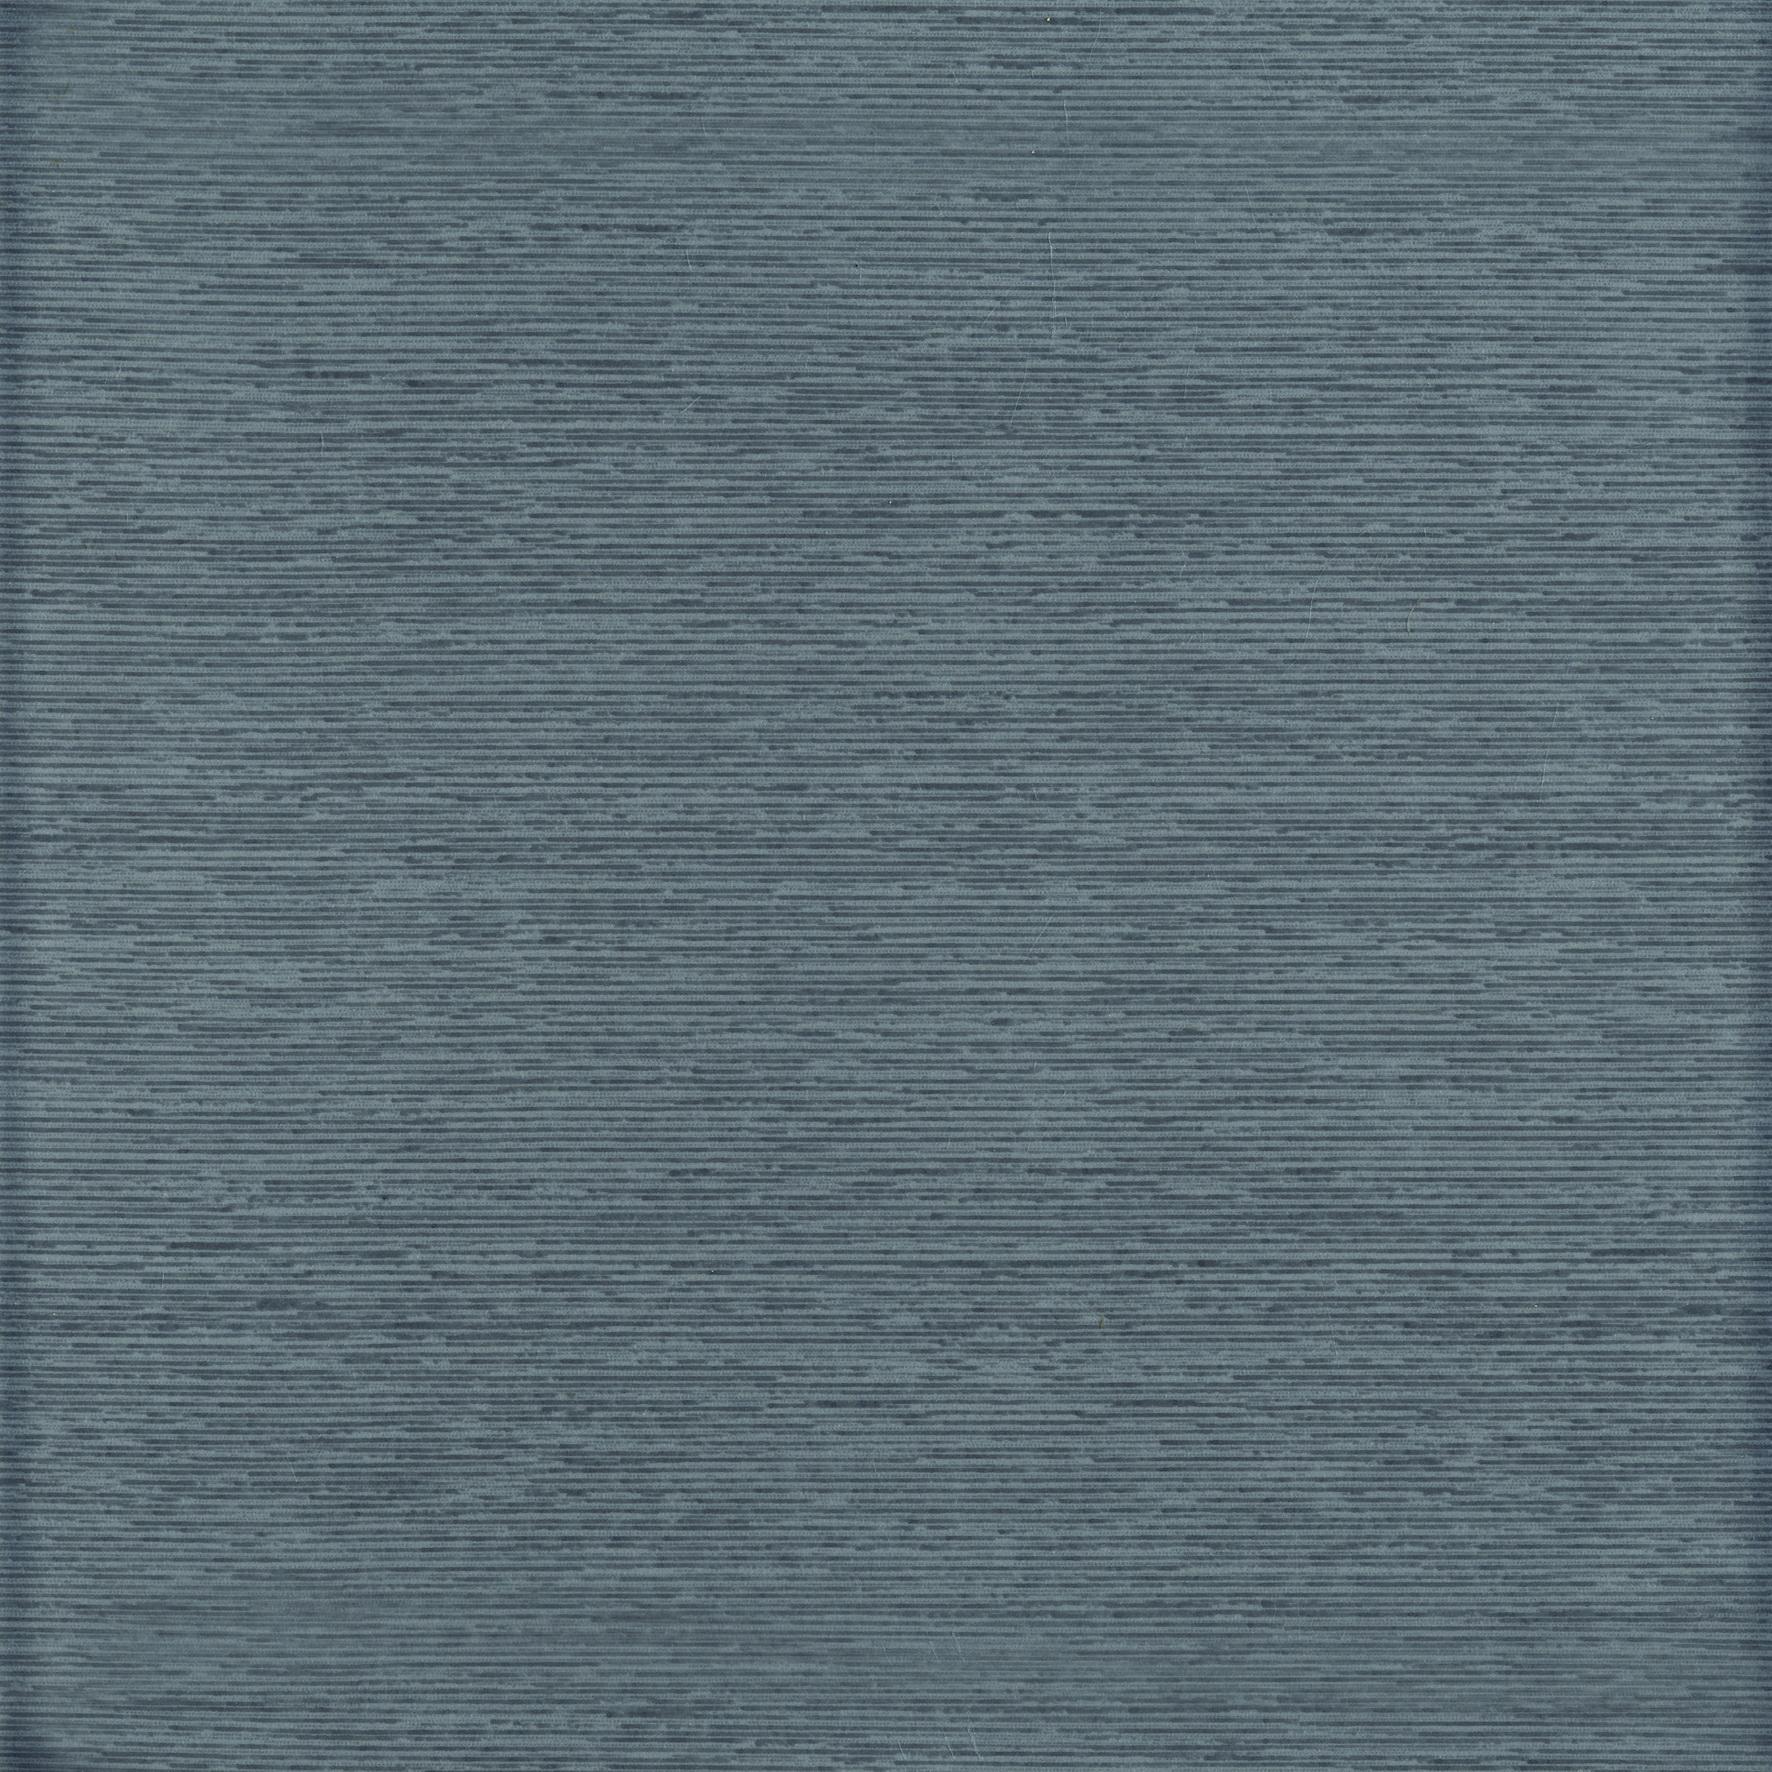 Laura напольная плитка (серая), 30х30